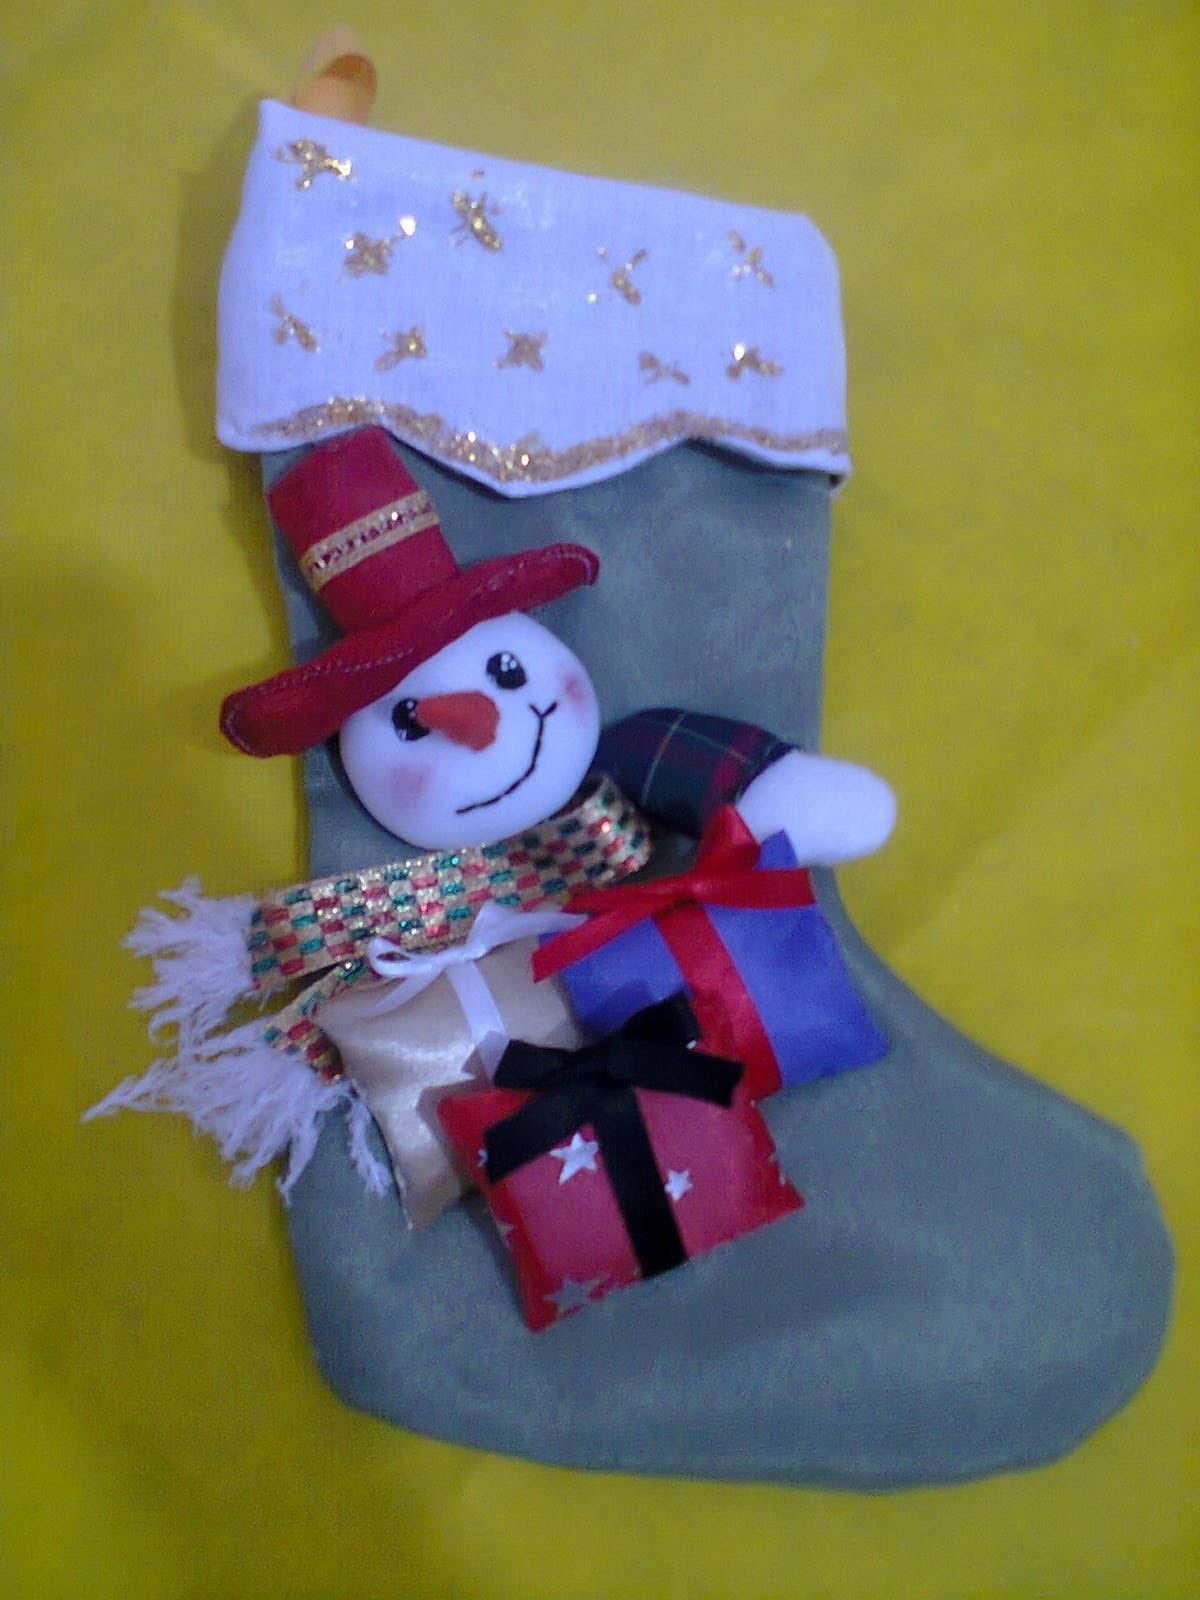 Muñecos soft. bota navideña con snowman. Christmas boot. subtitulado. proyecto 203